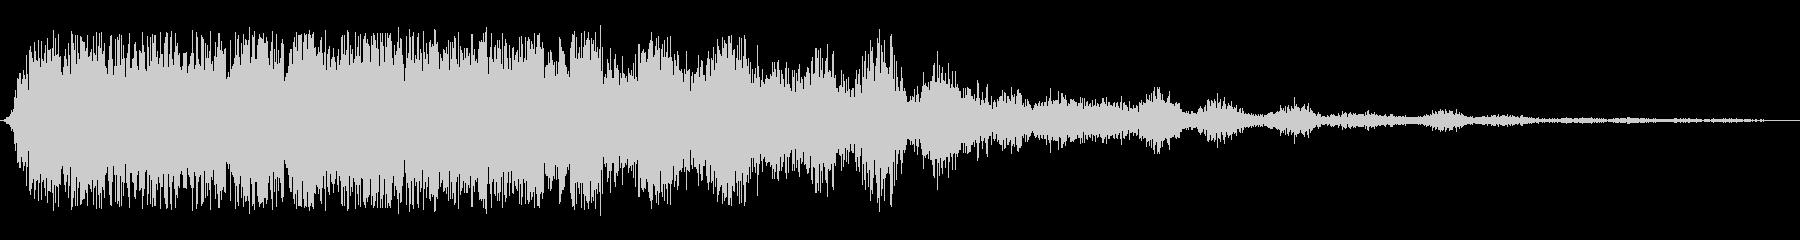 シュワワン(回転音系)長めの未再生の波形